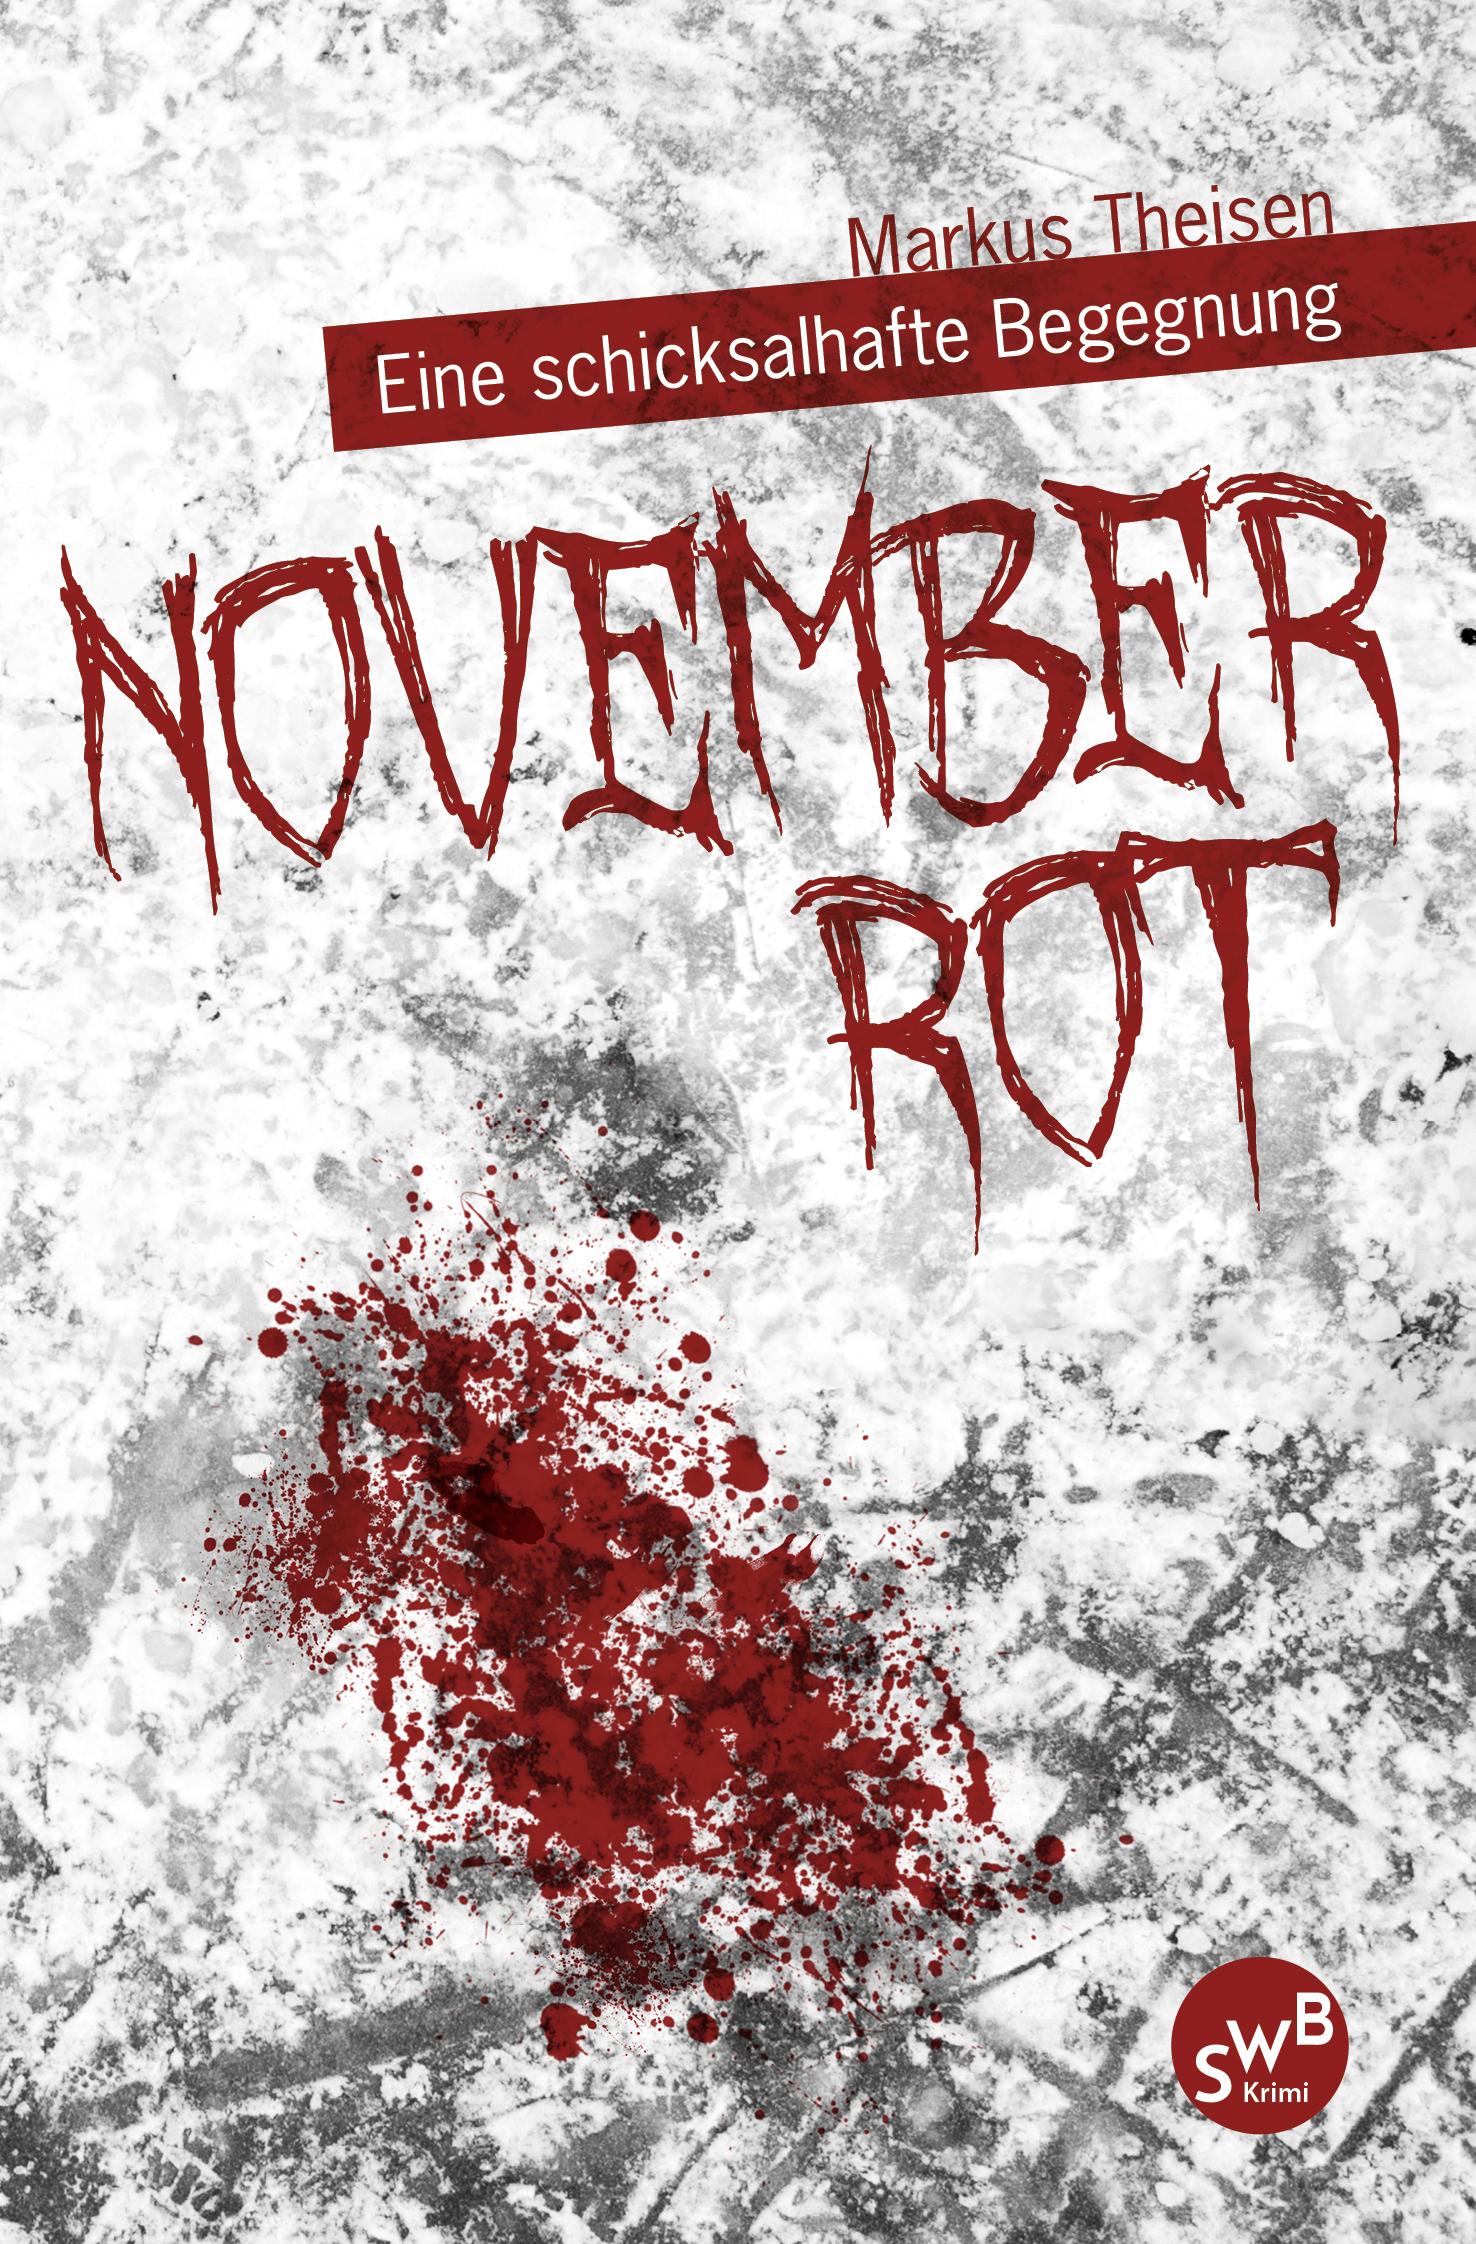 Novemberrot